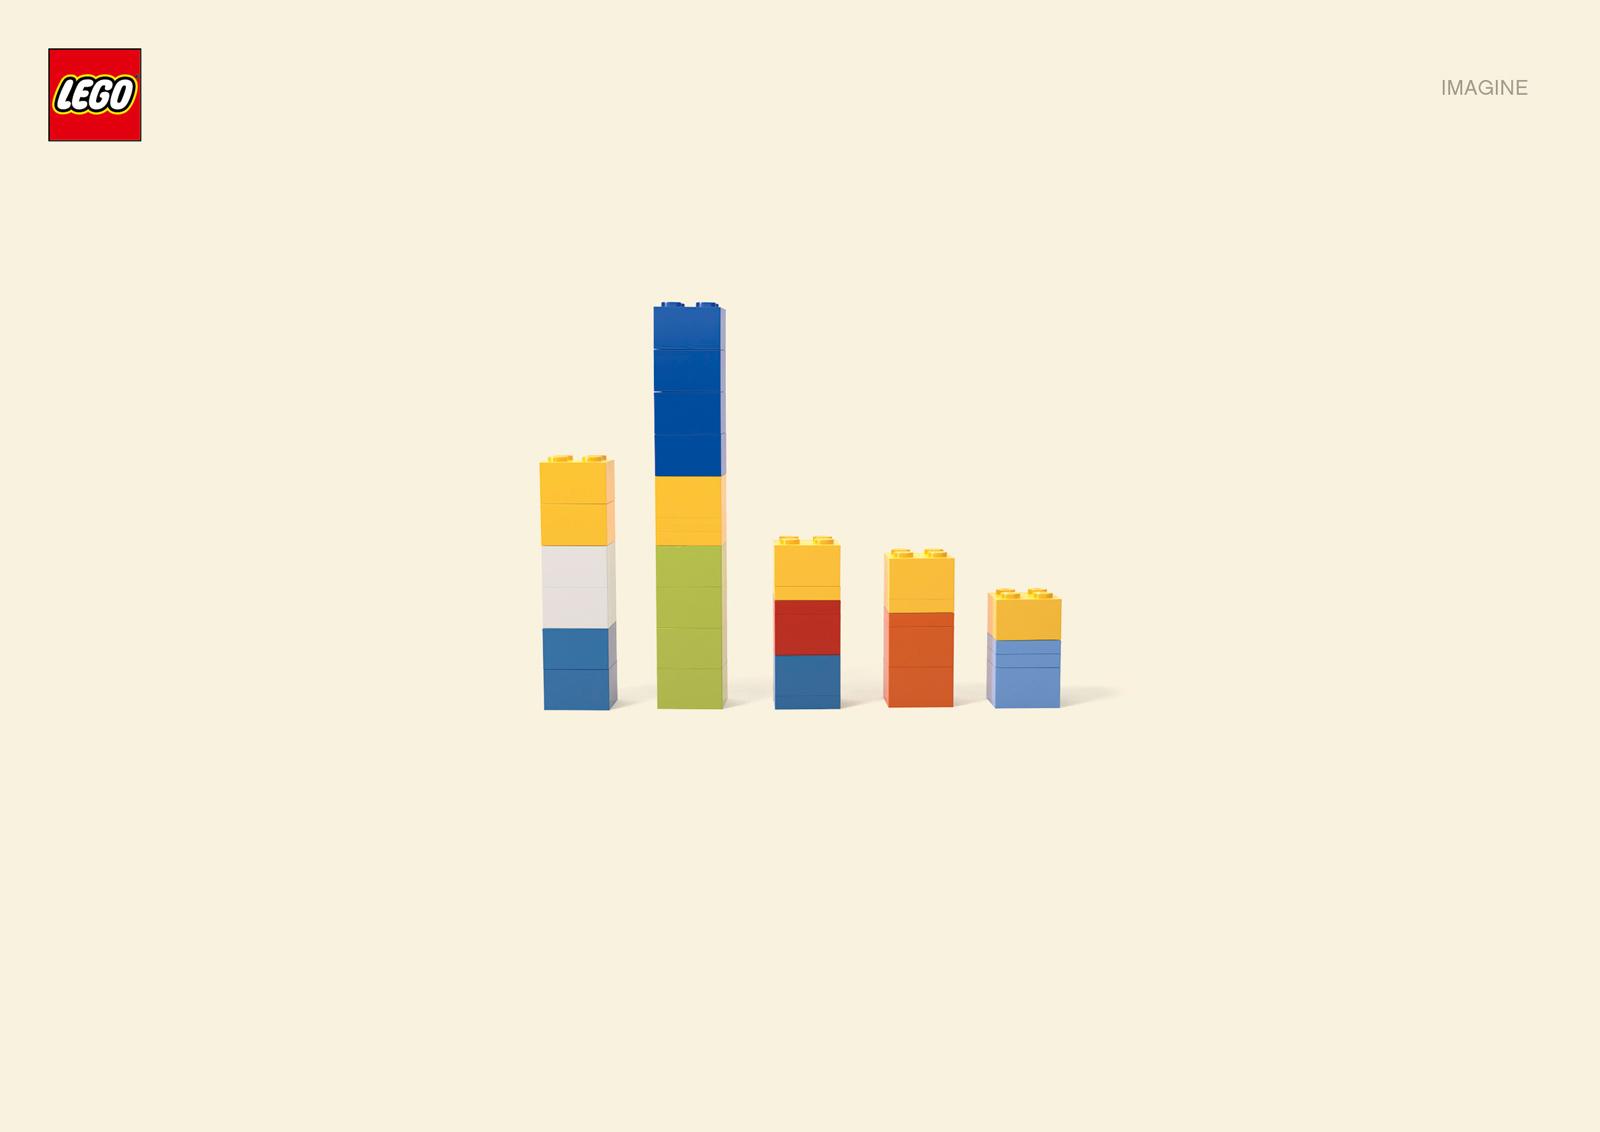 lego personnage imagine 04 Imaginez des personnages avec Lego